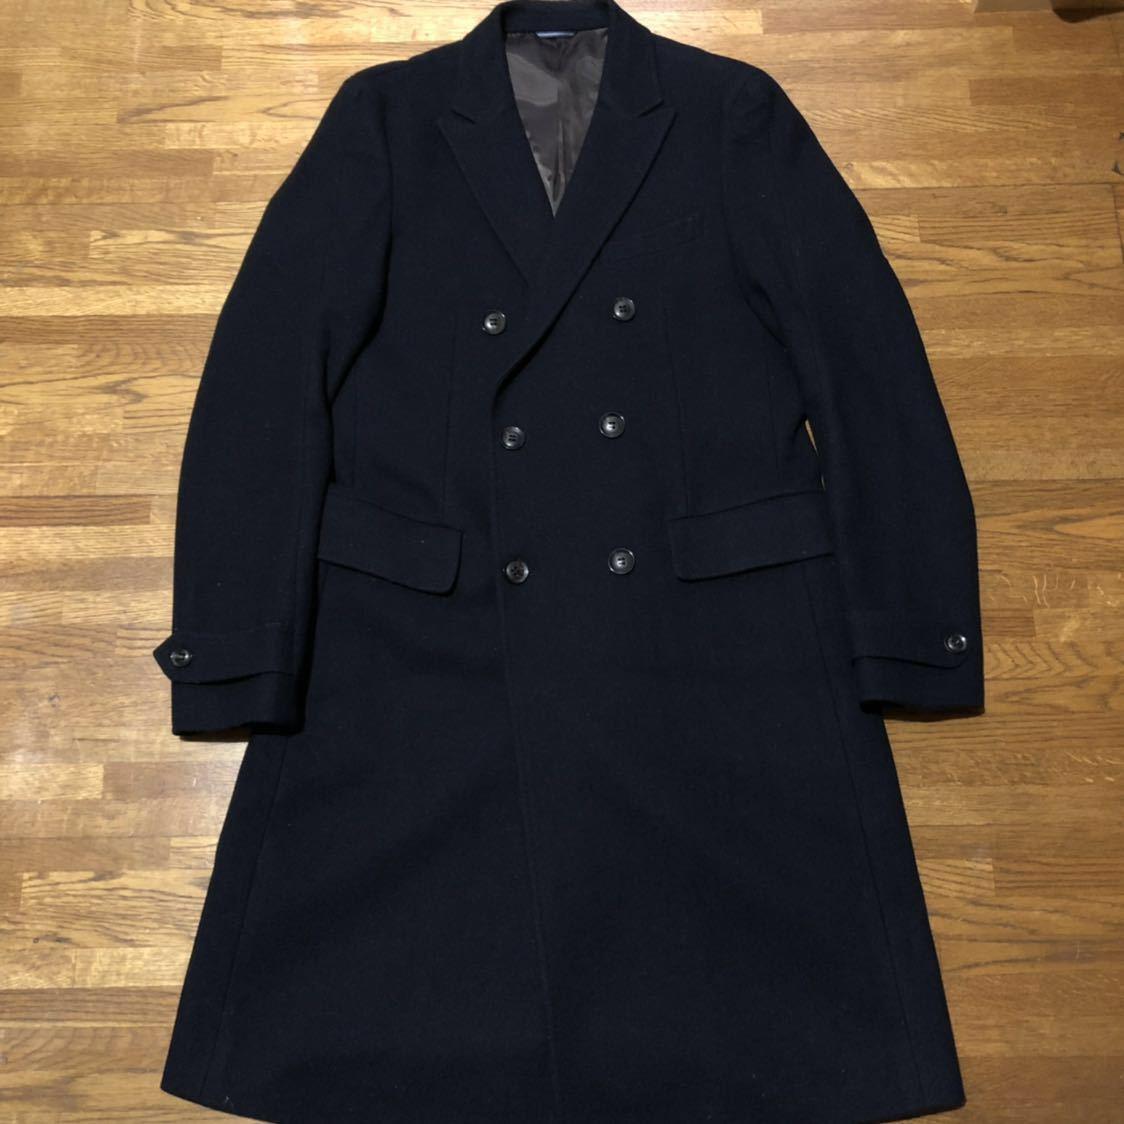 【定番】jun hashimoto trench coat ジュンハシモト ウール ダブル ロング トレンチ コート1011520013 定価97.200円 ネイビー 3